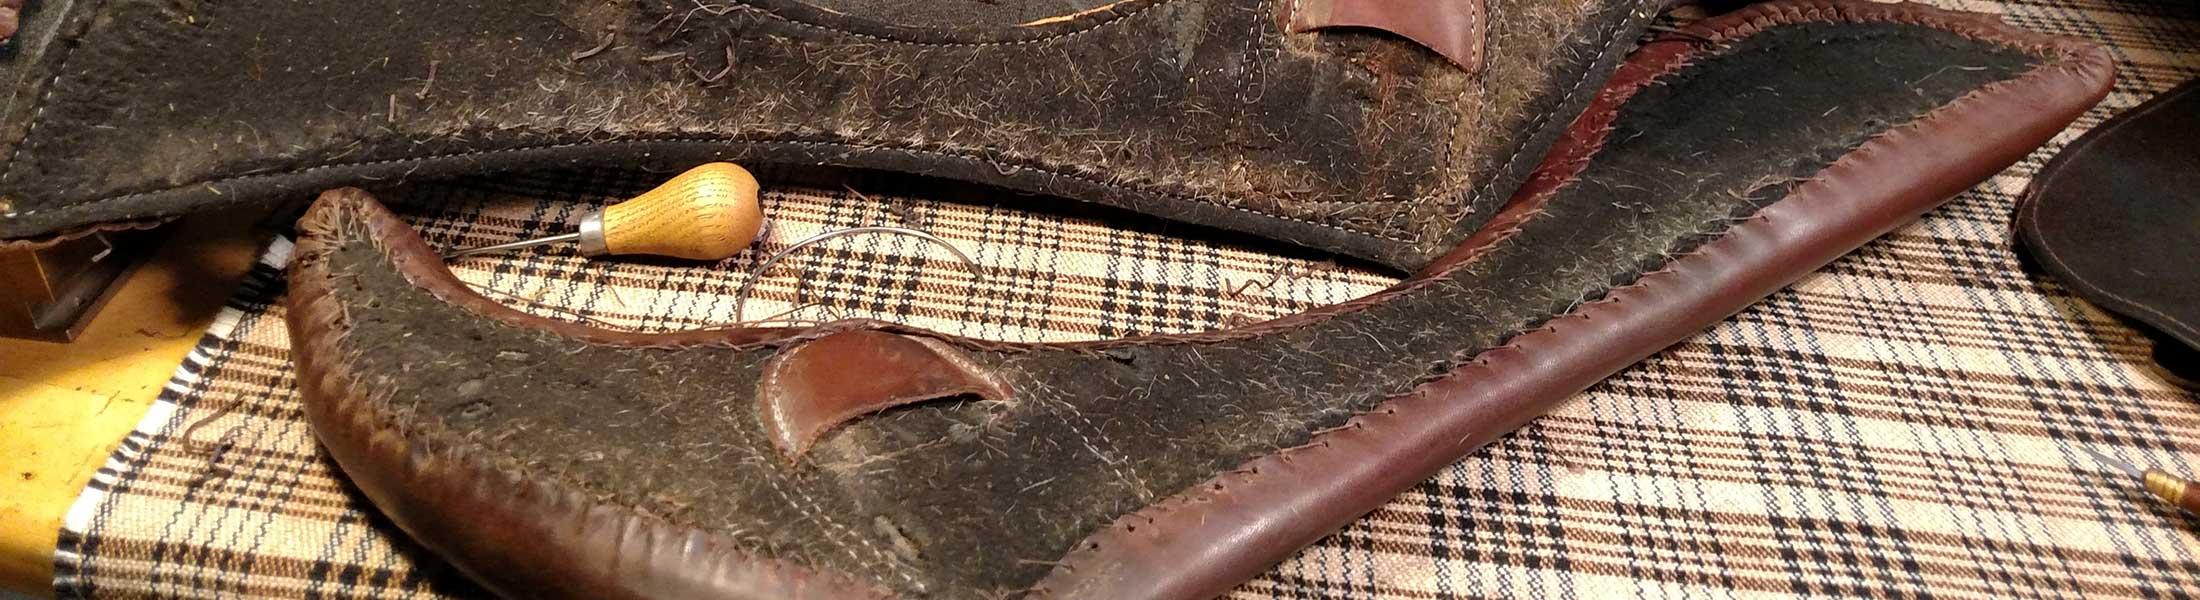 Saddle & Bridle Repair   Ploughman's Saddlery & Belts